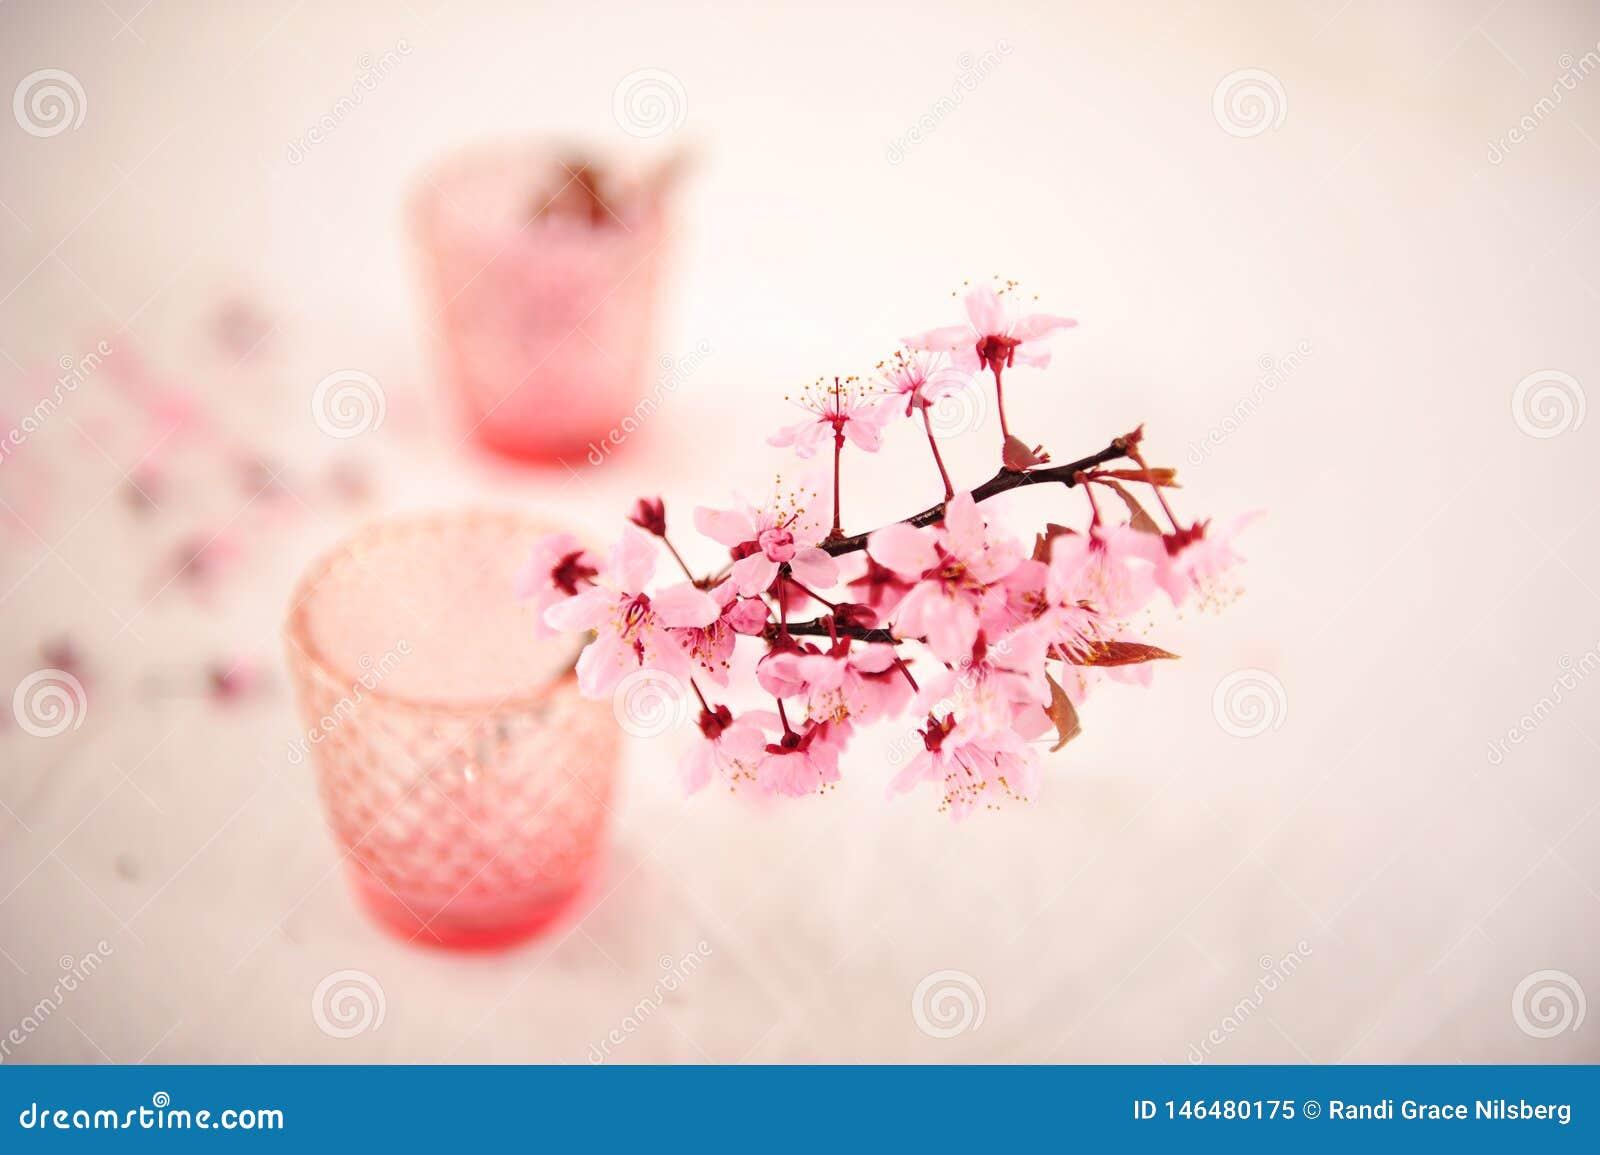 Rosa Blumen gegen undeutlichen Hintergrund